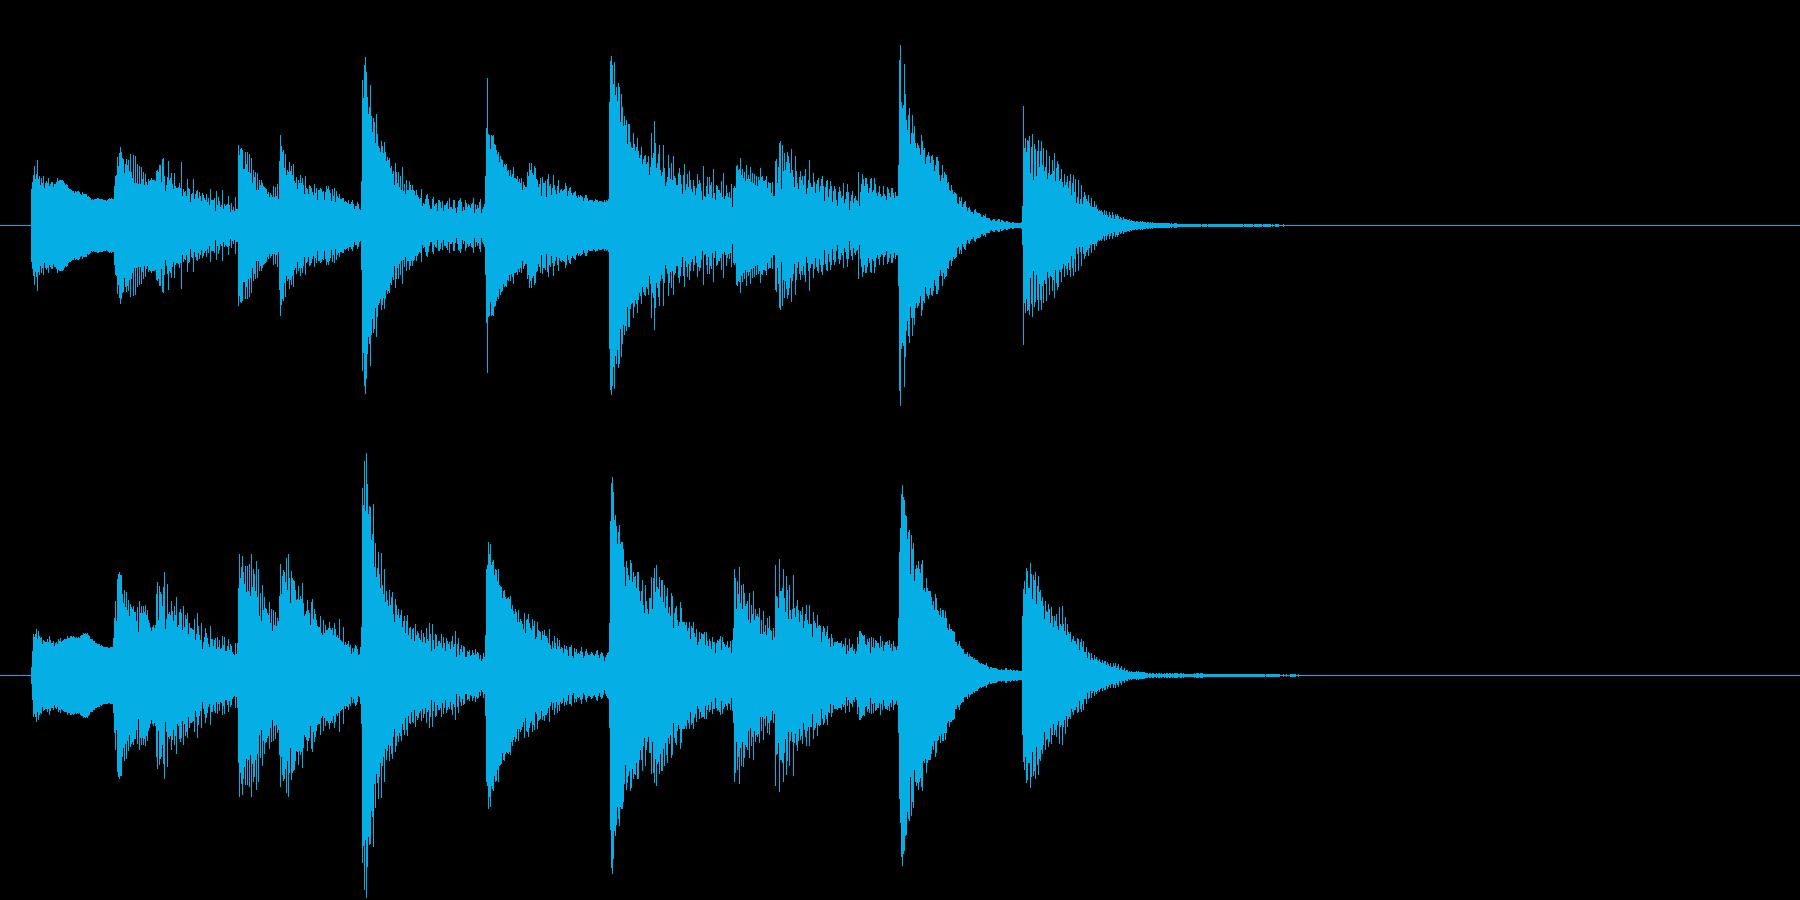 軽やかなピアノのジングルの再生済みの波形